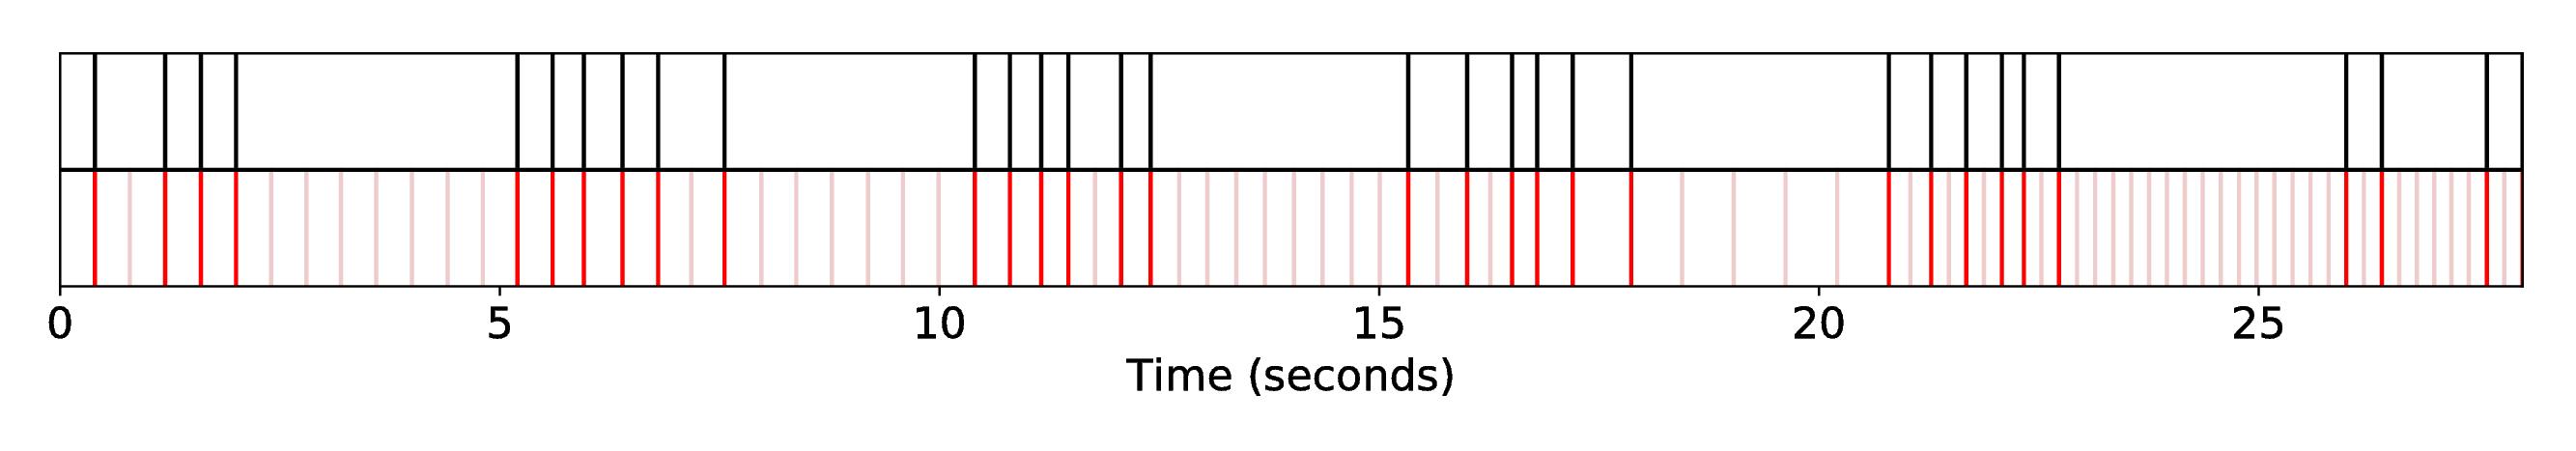 DP1_INT1_R-Syn-CoIrGa__S-Bach__SequenceAlignment